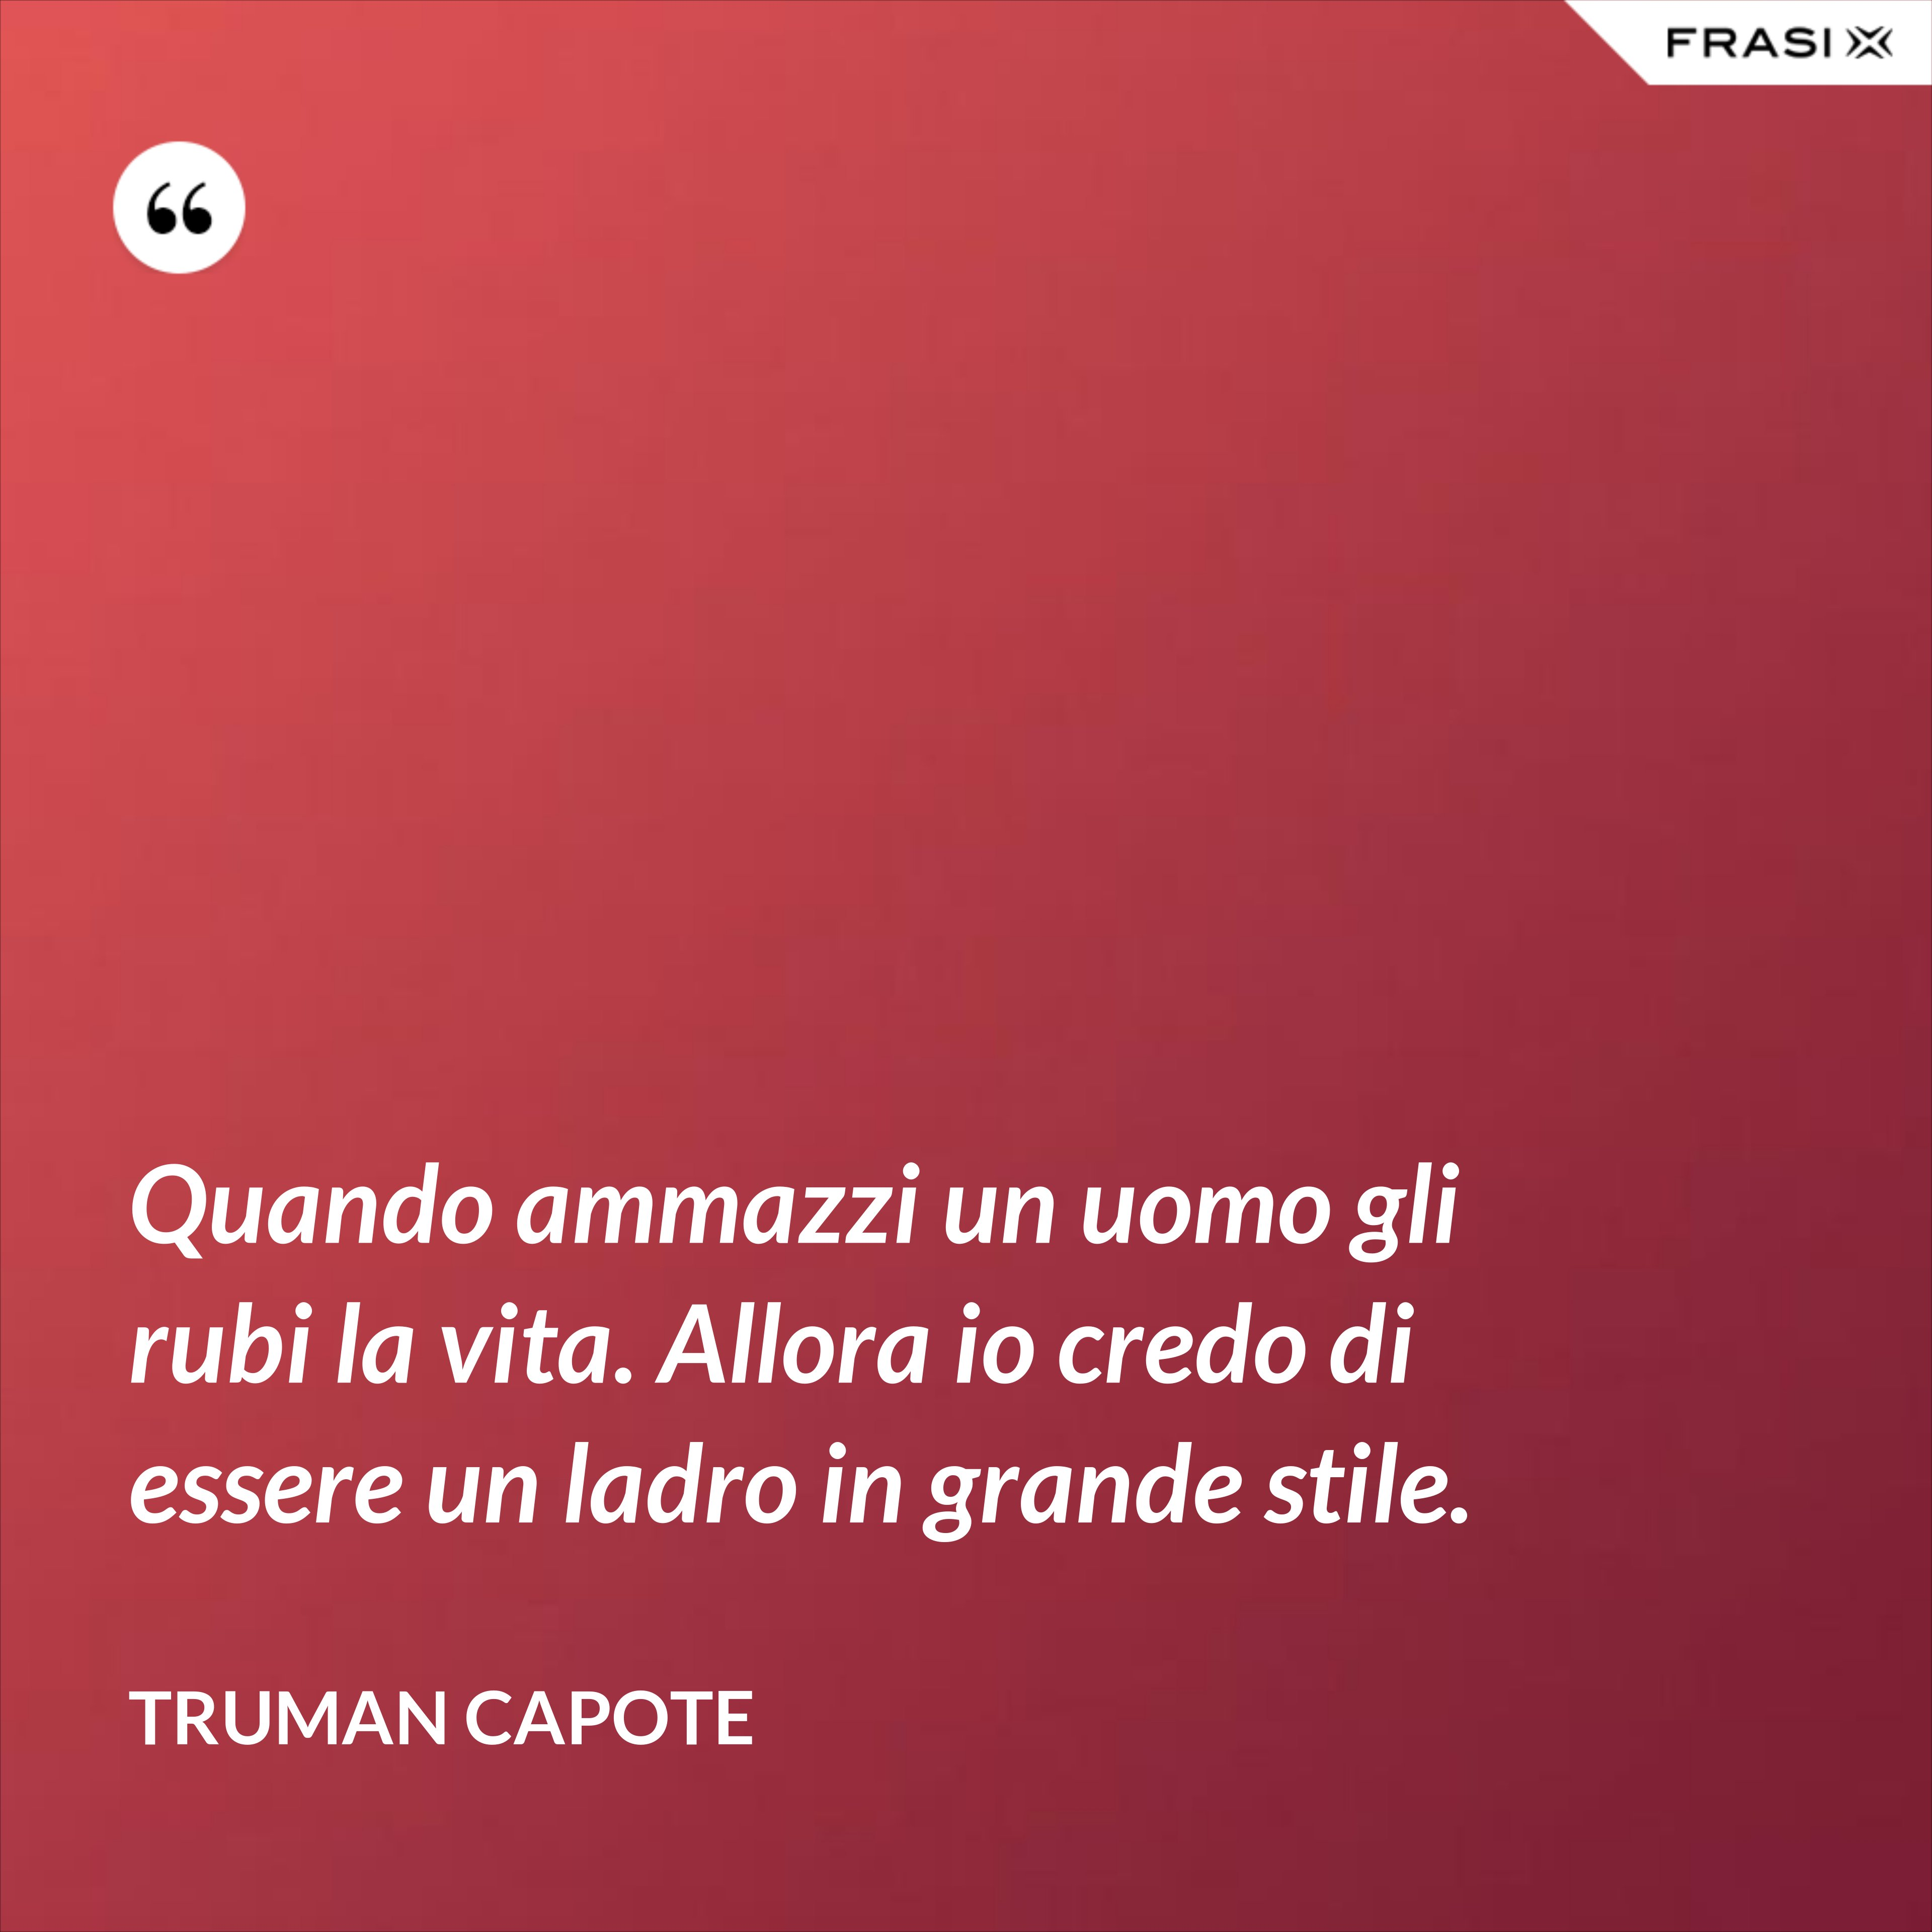 Quando ammazzi un uomo gli rubi la vita. Allora io credo di essere un ladro in grande stile. - Truman Capote